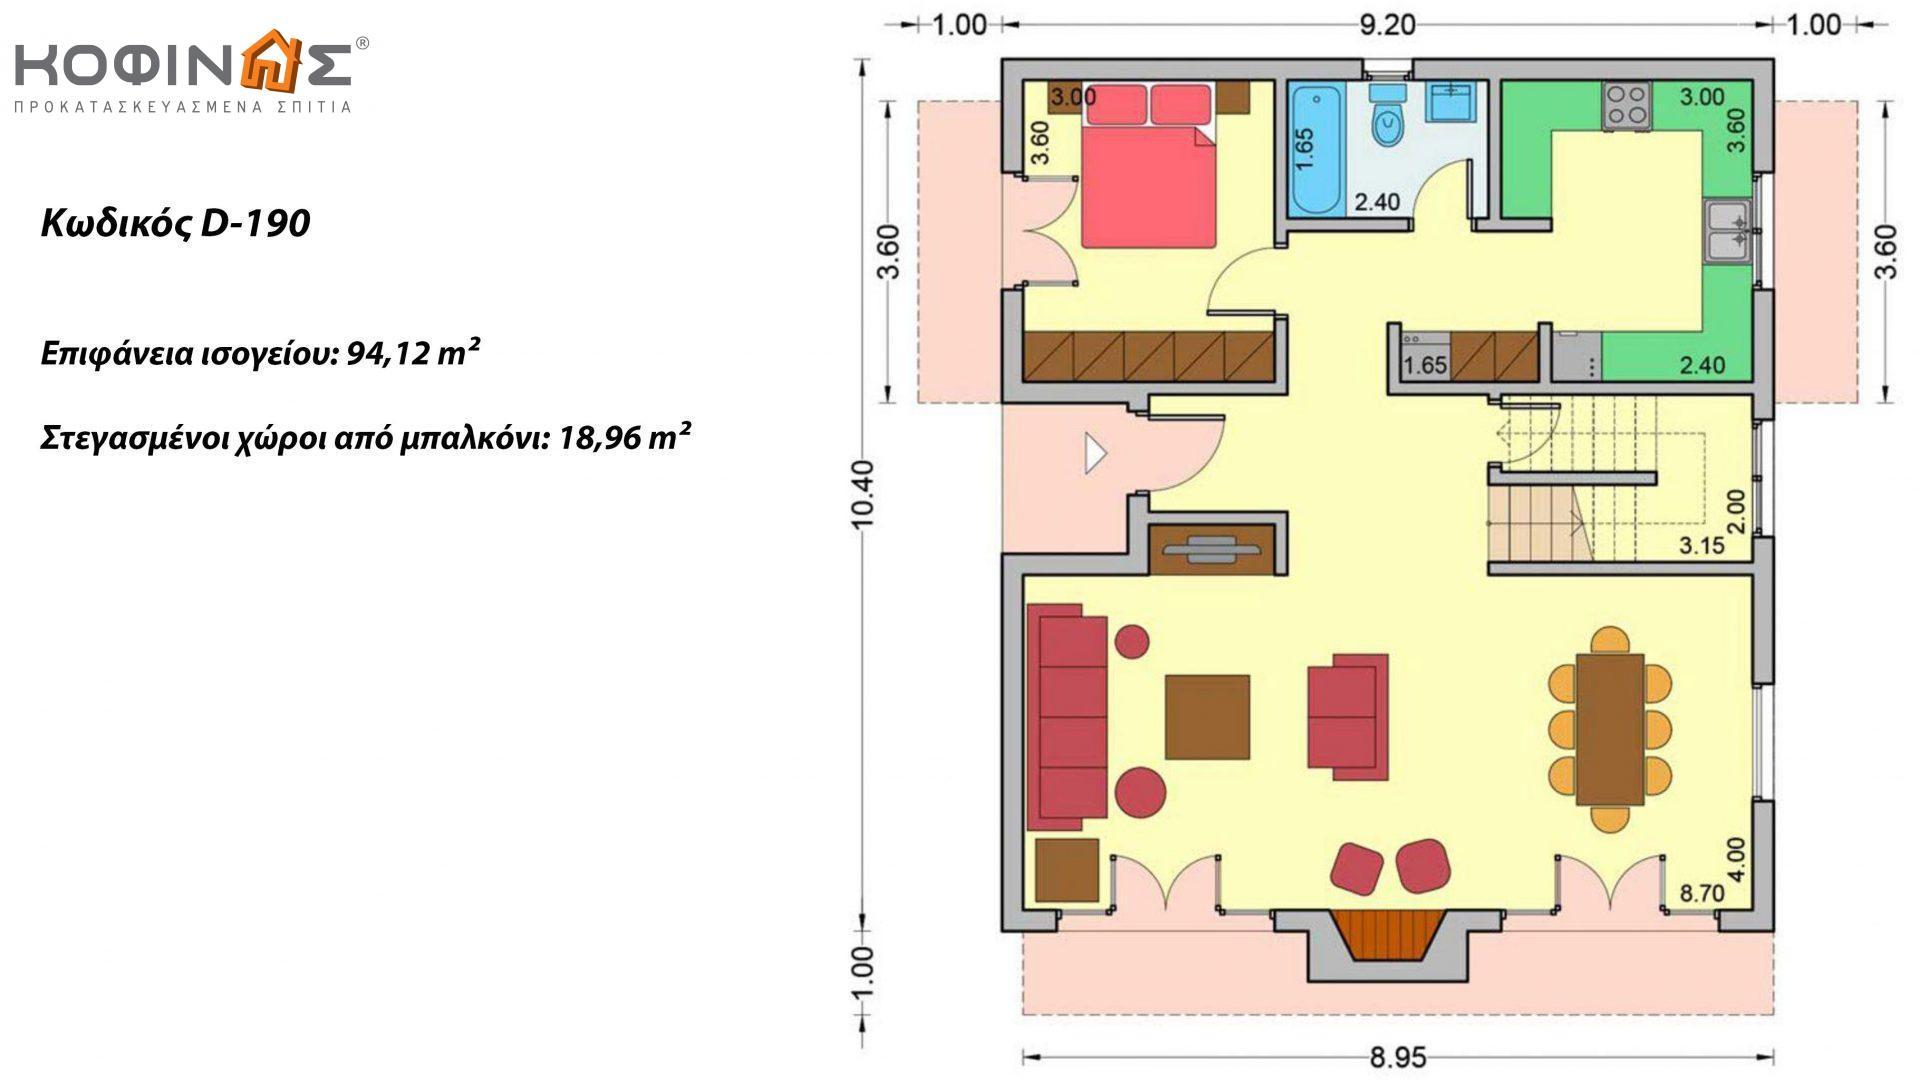 Διώροφη Κατοικία D-190, συνολικής επιφάνειας 190,94 τ.μ., συνολική επιφάνεια στεγασμένων χώρων 25.02 τ.μ., μπαλκόνια 18.96 τ.μ.